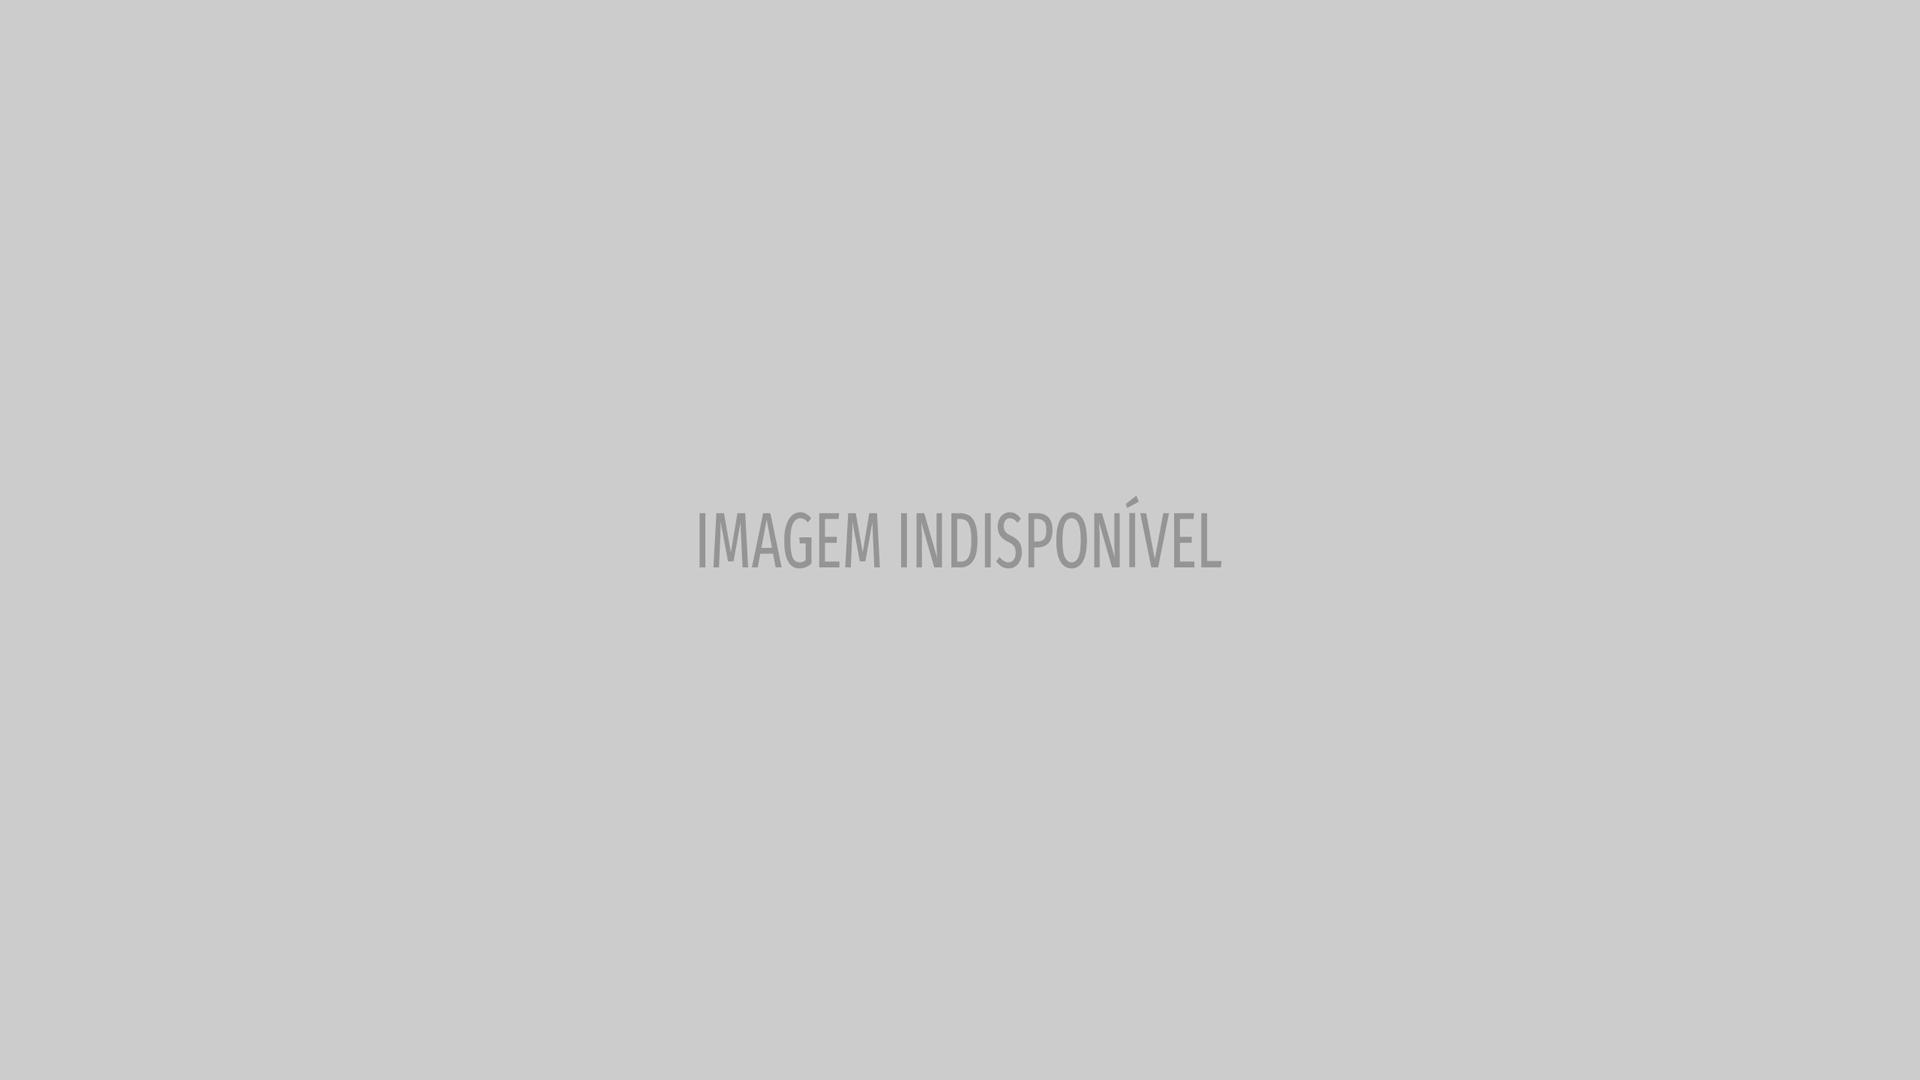 Sem medo das críticas, Dália Madruga volta a publicar foto a amamentar